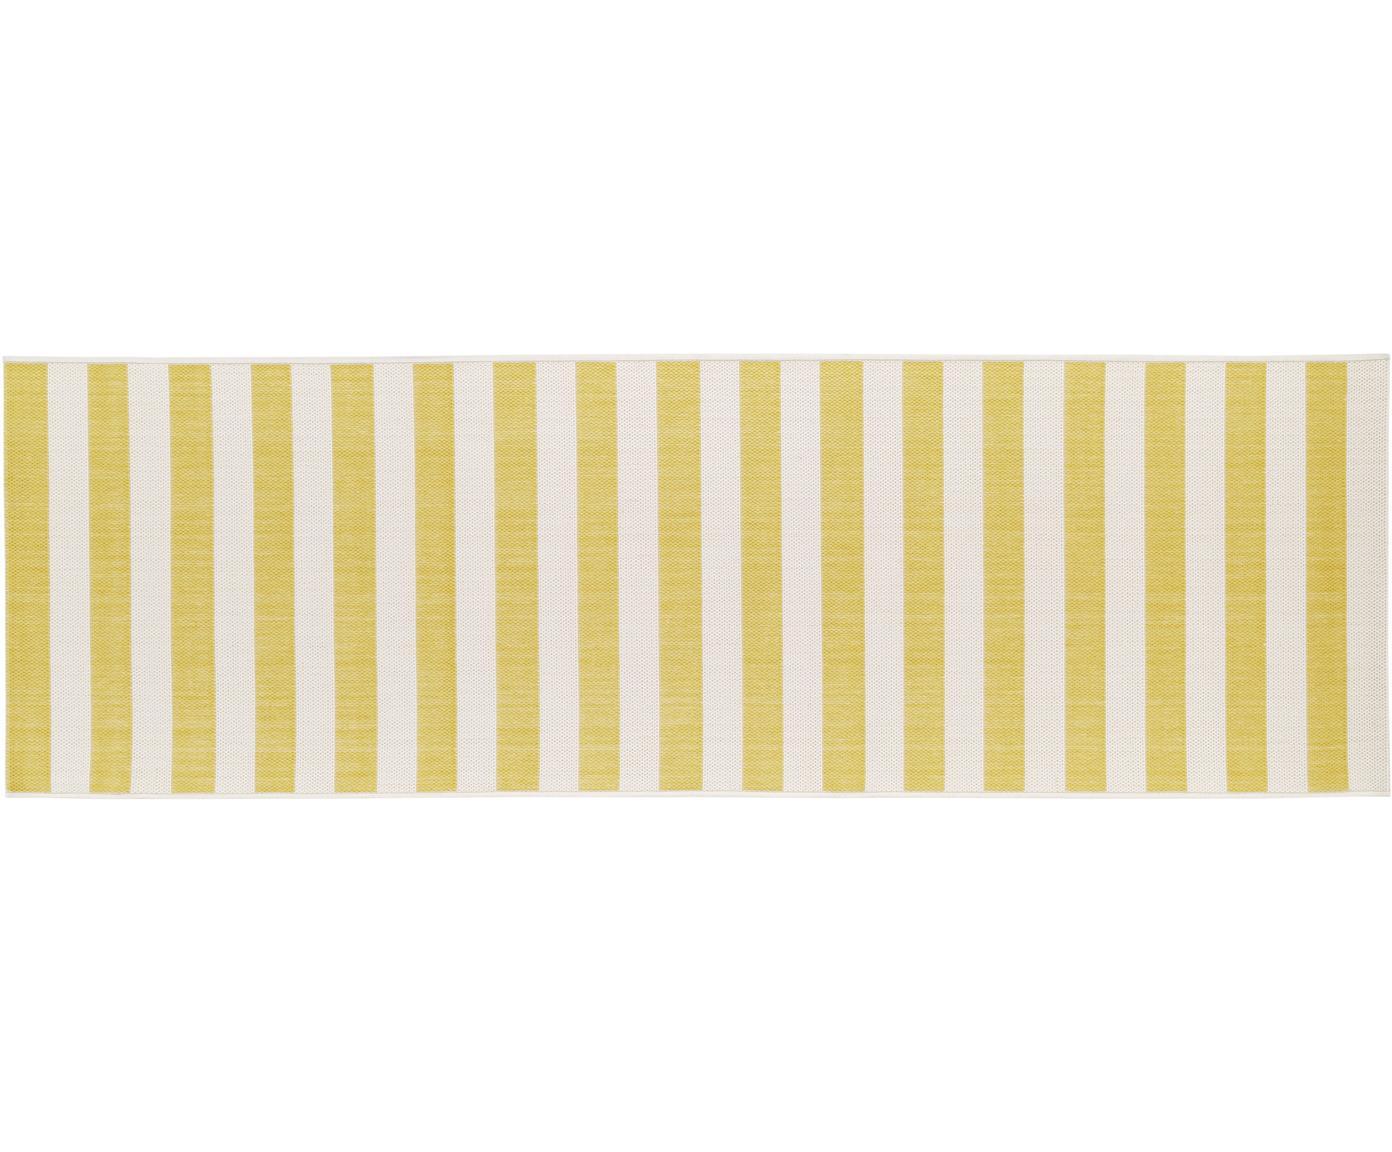 Passatoia da interno-esterno a righe Axa, Retro: poliestere, Bianco crema, giallo, Larg. 80 x Lung. 250 cm